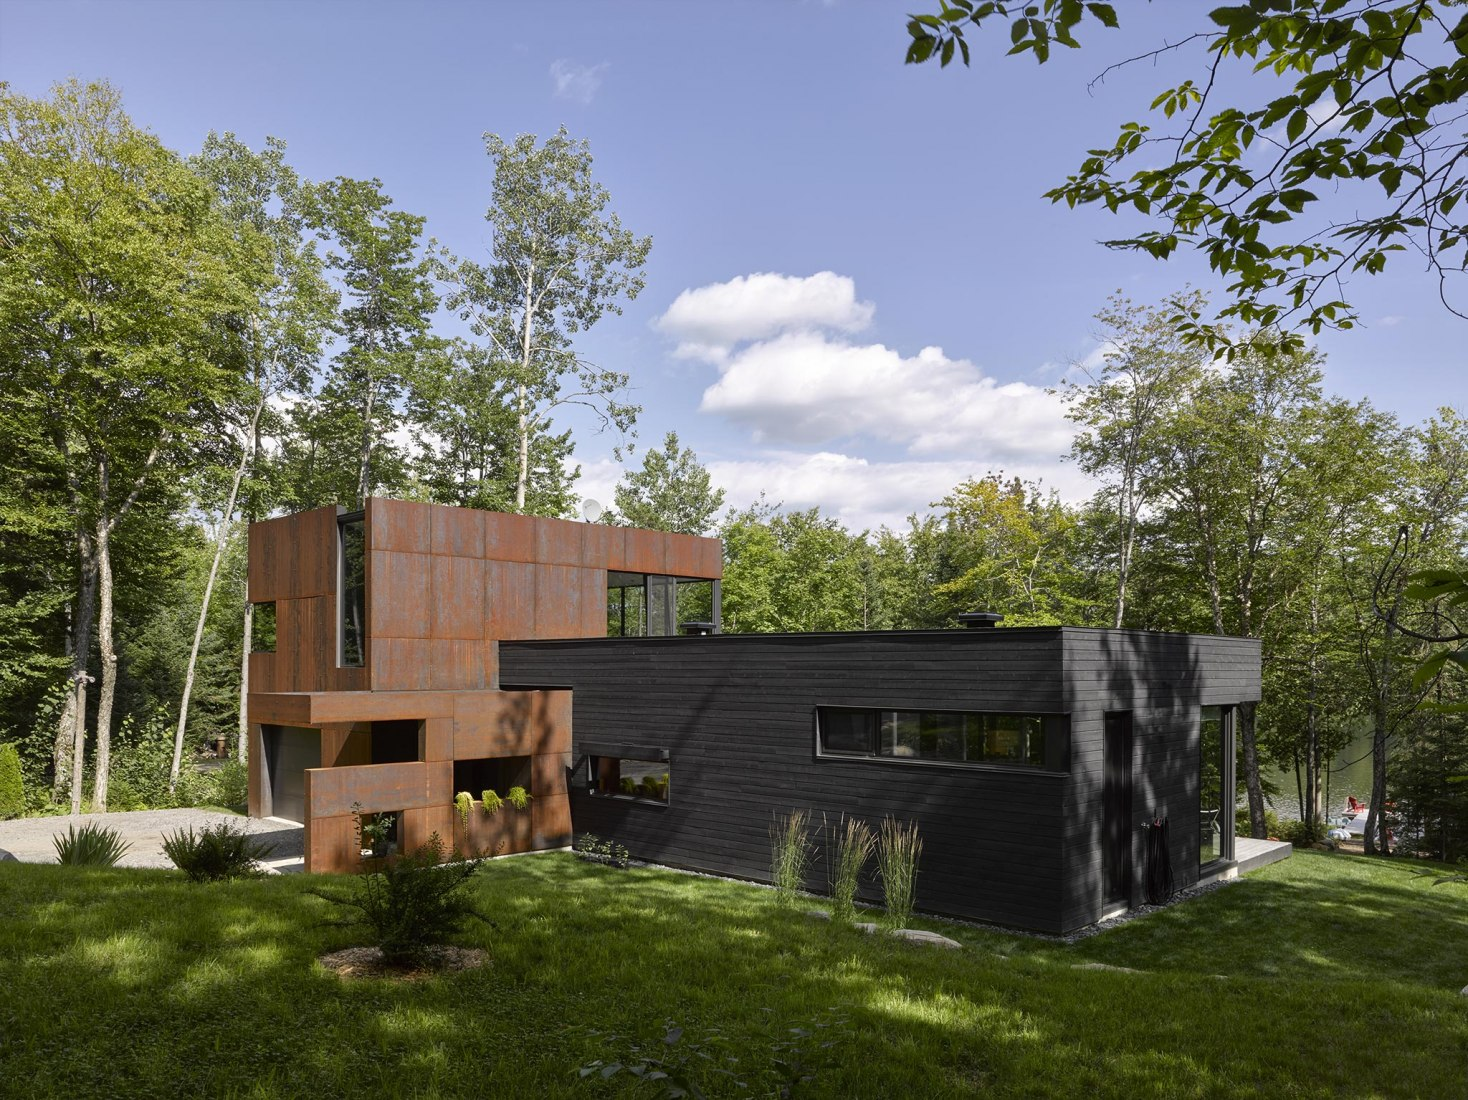 Vista exterior. Casa en el Lago Charlebois por Paul Bernier. Fotografía por James Brittain